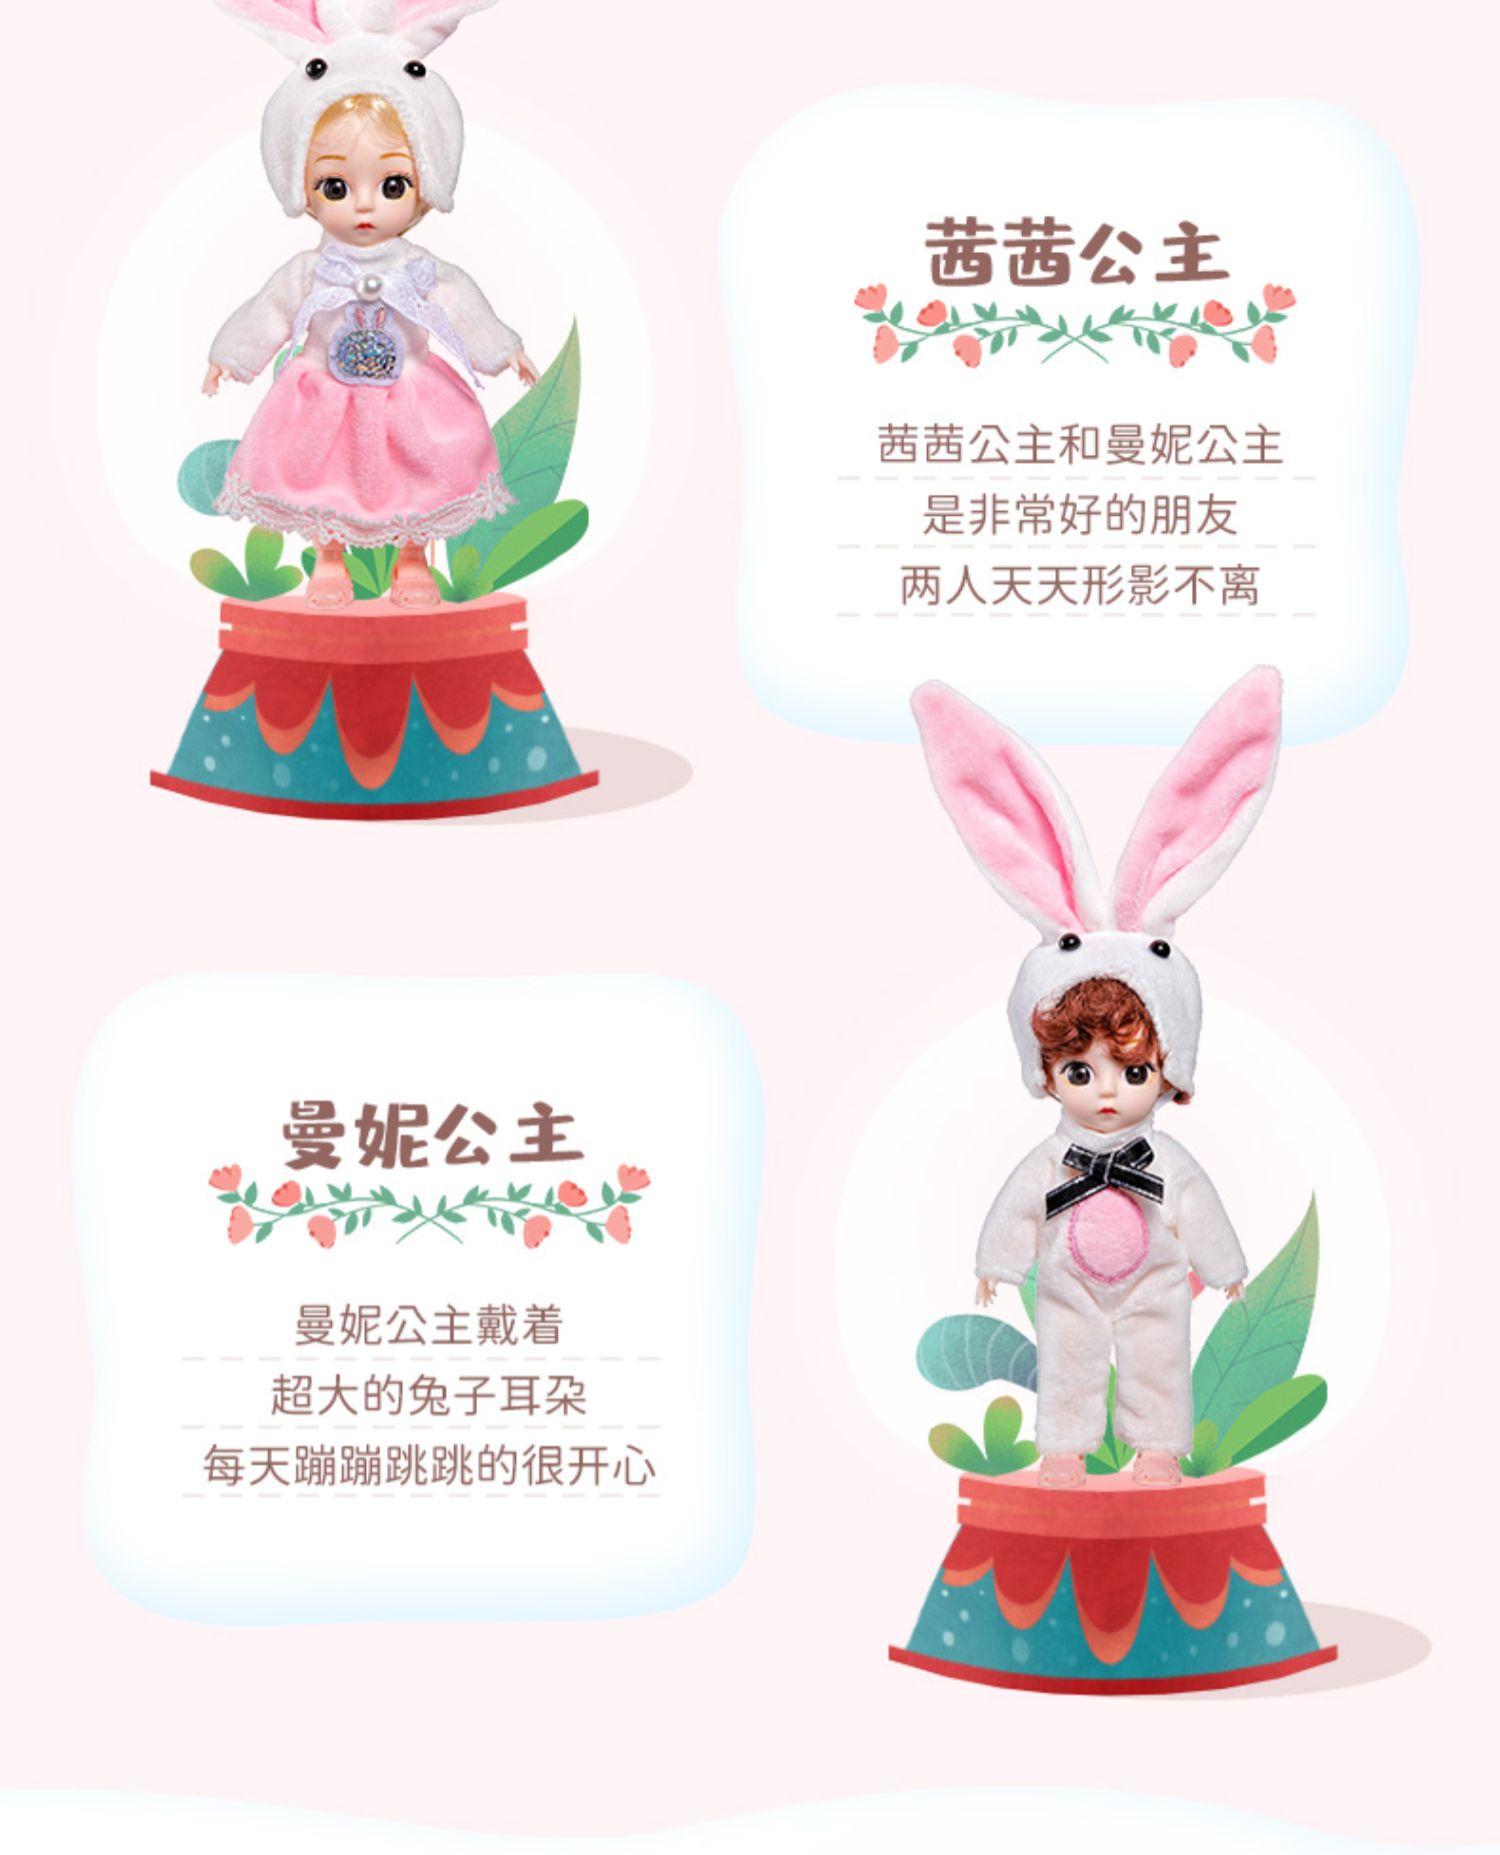 依梦儿芭比仿真洋娃娃衣服小号玩偶换装女孩儿童玩具公主礼盒套组详细照片